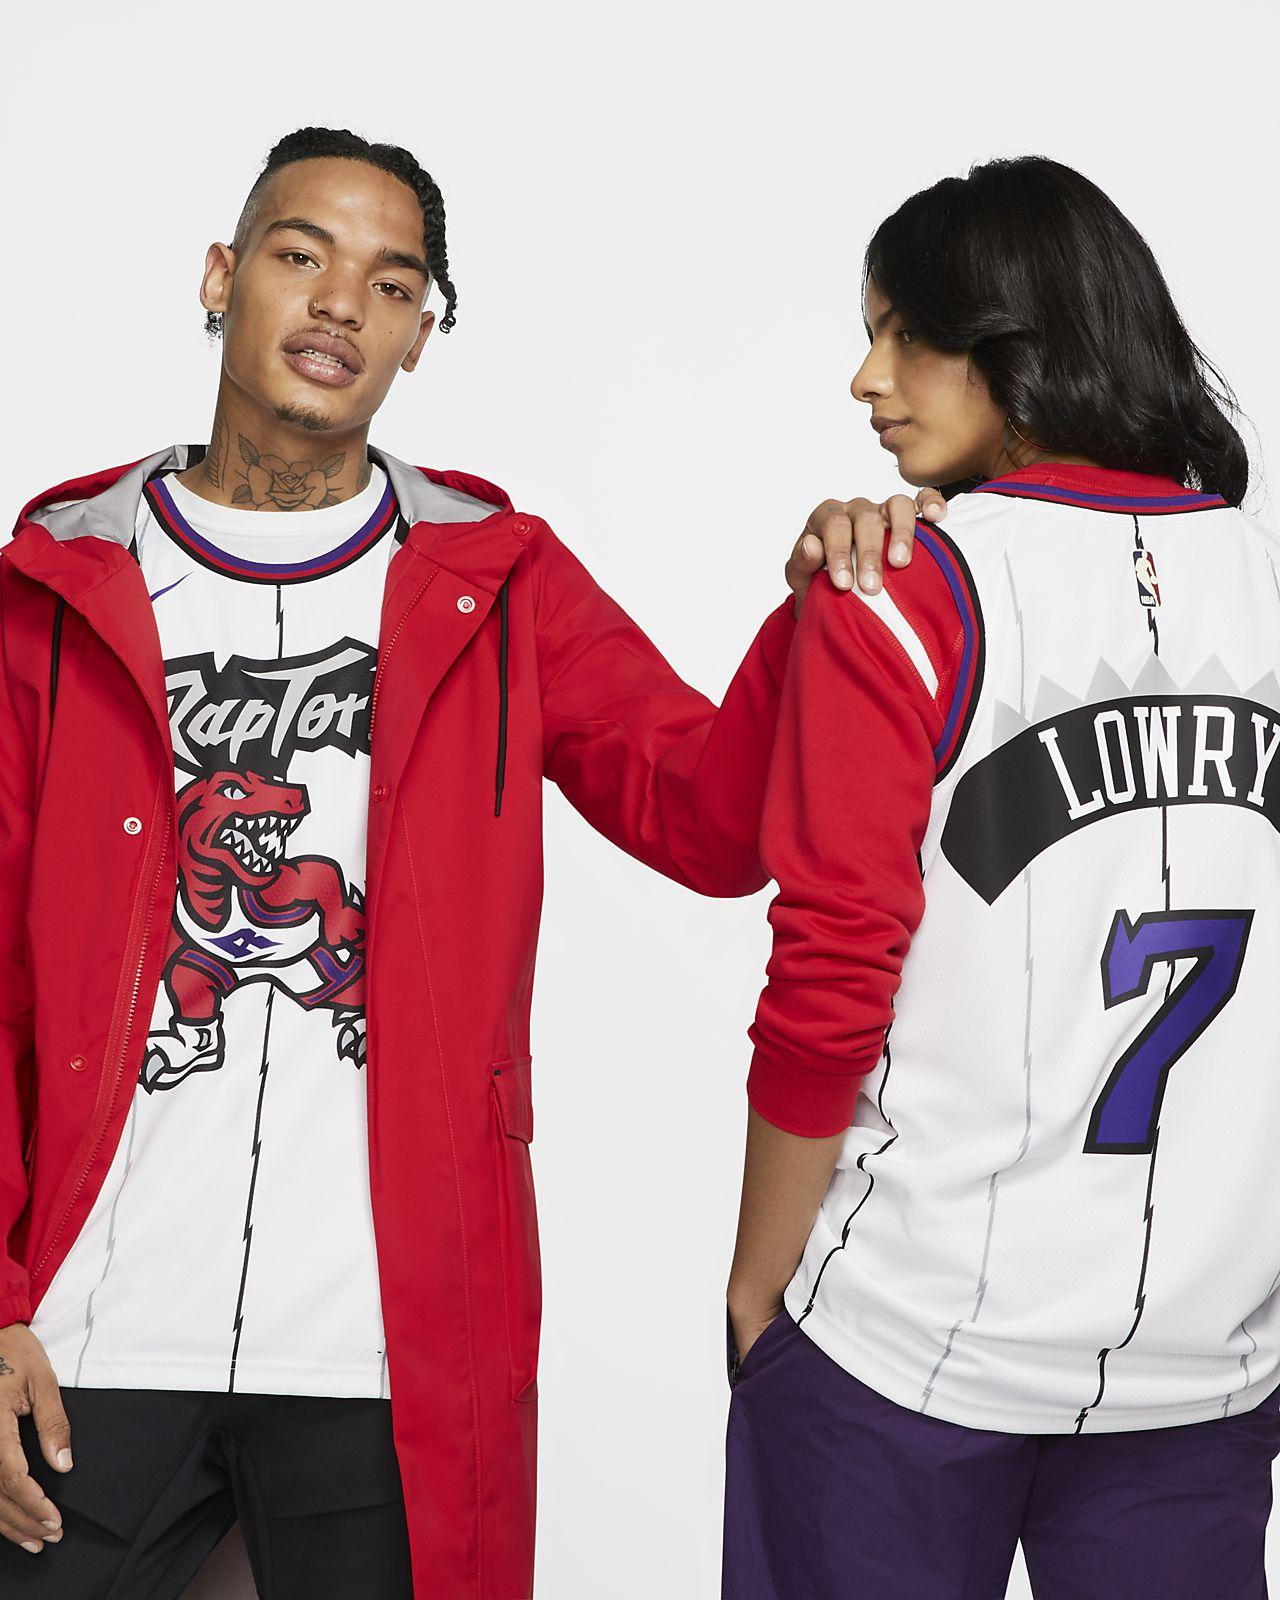 Koszulka Nike NBA Swingman Kyle Lowry Raptors Classic Edition